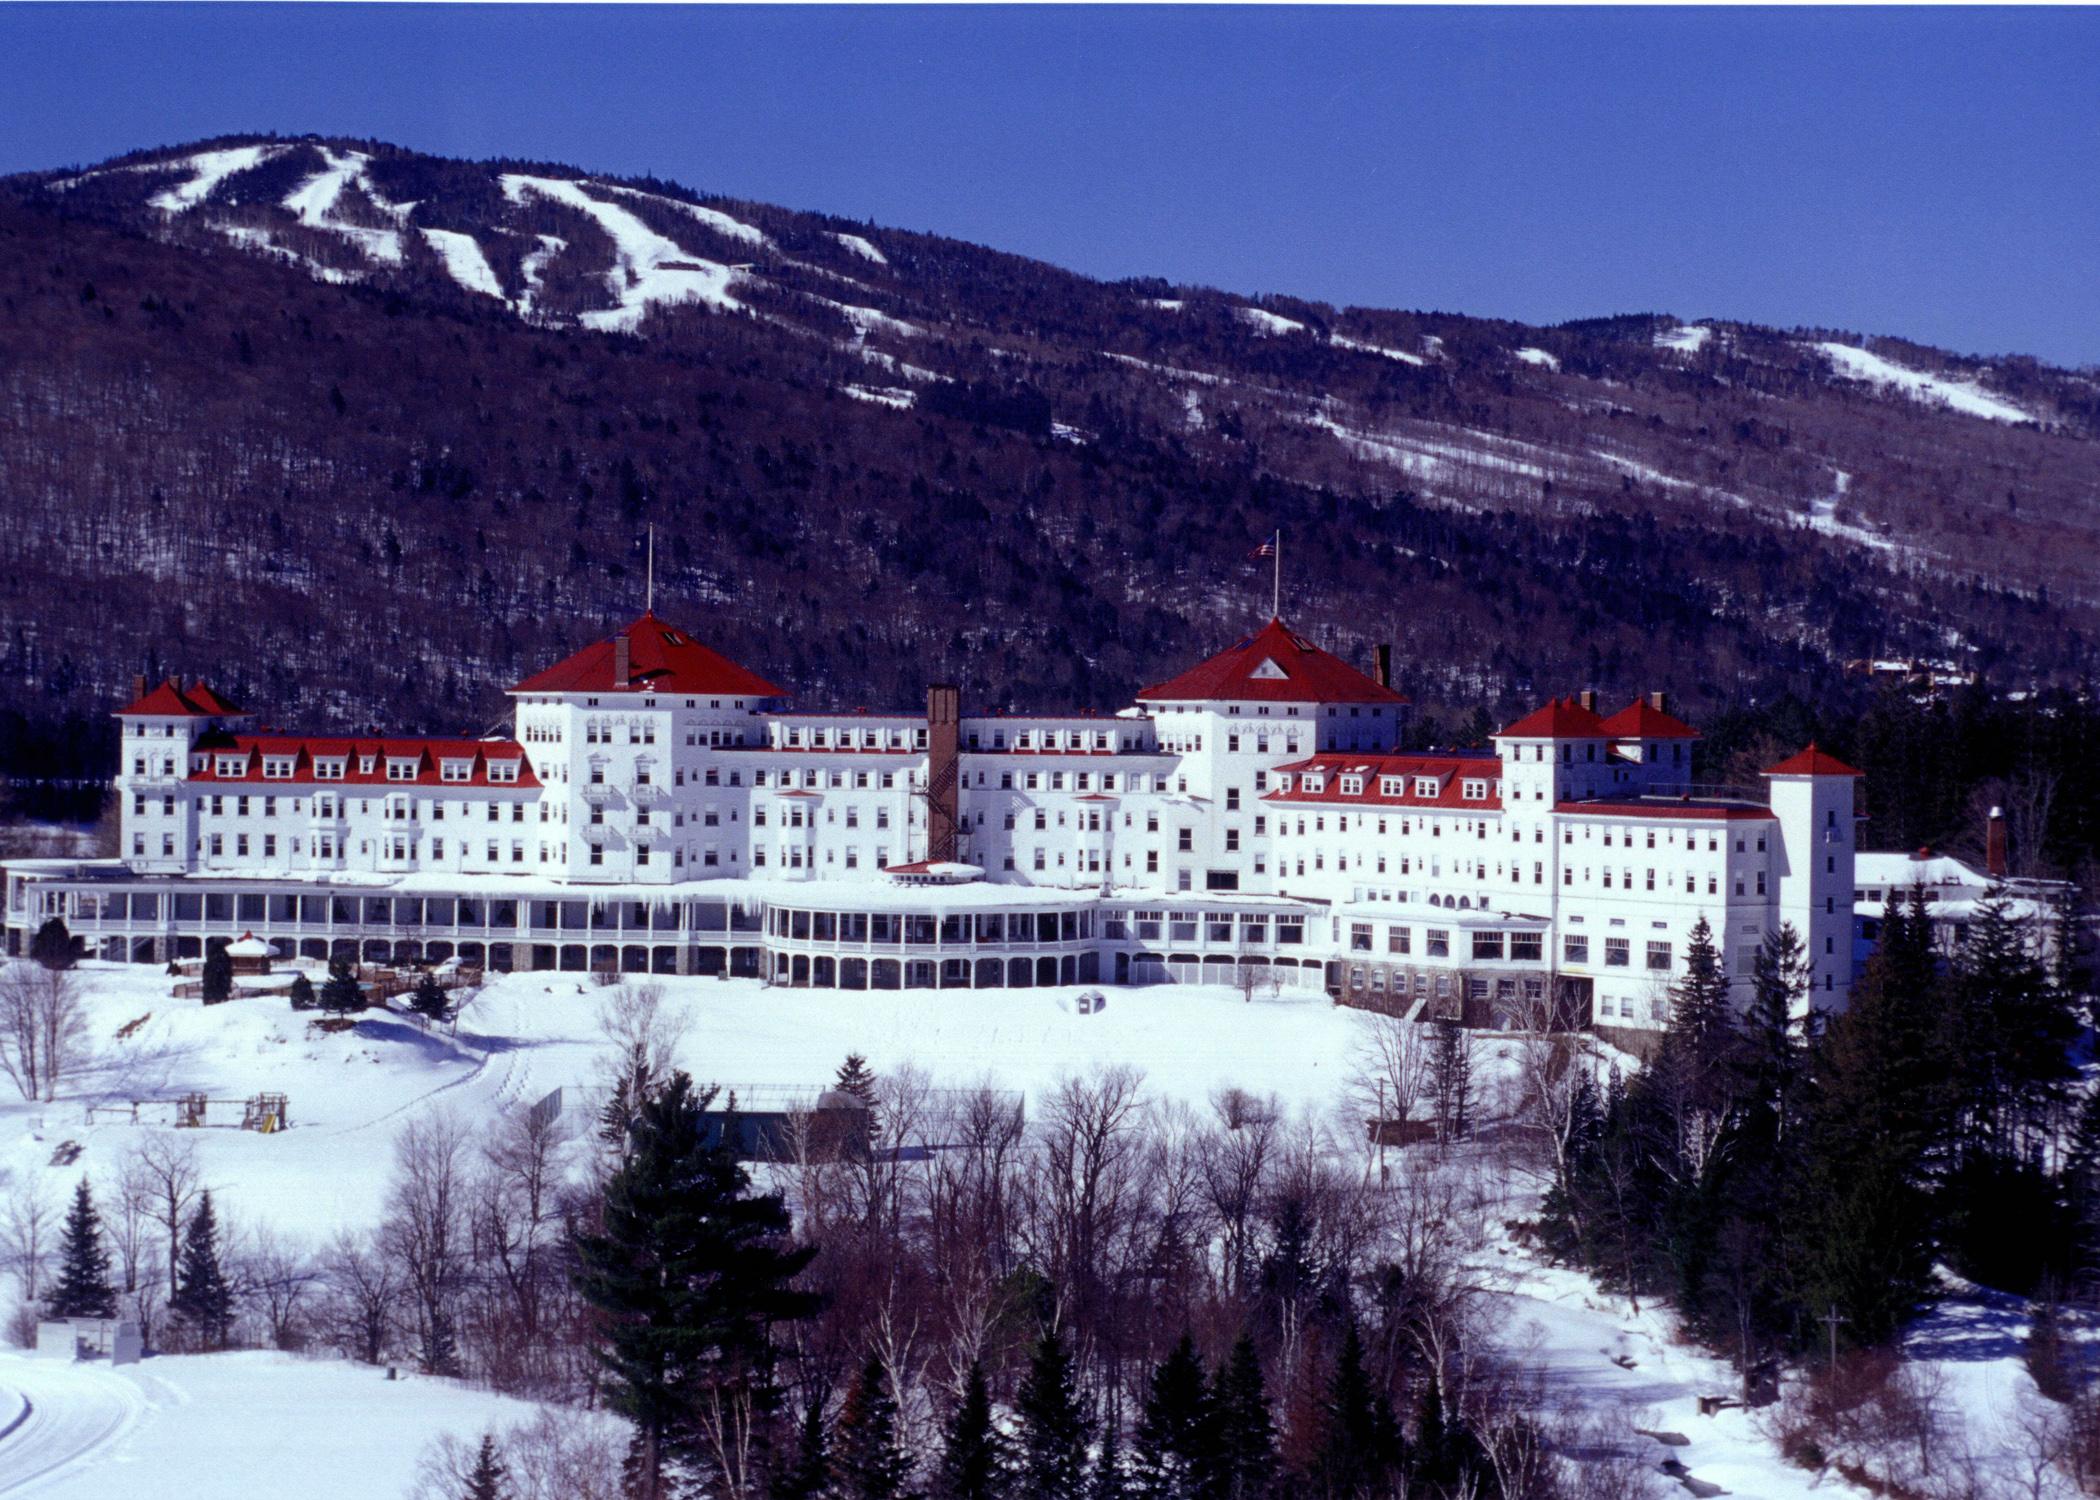 mwr_hotel_bw_hi.jpg